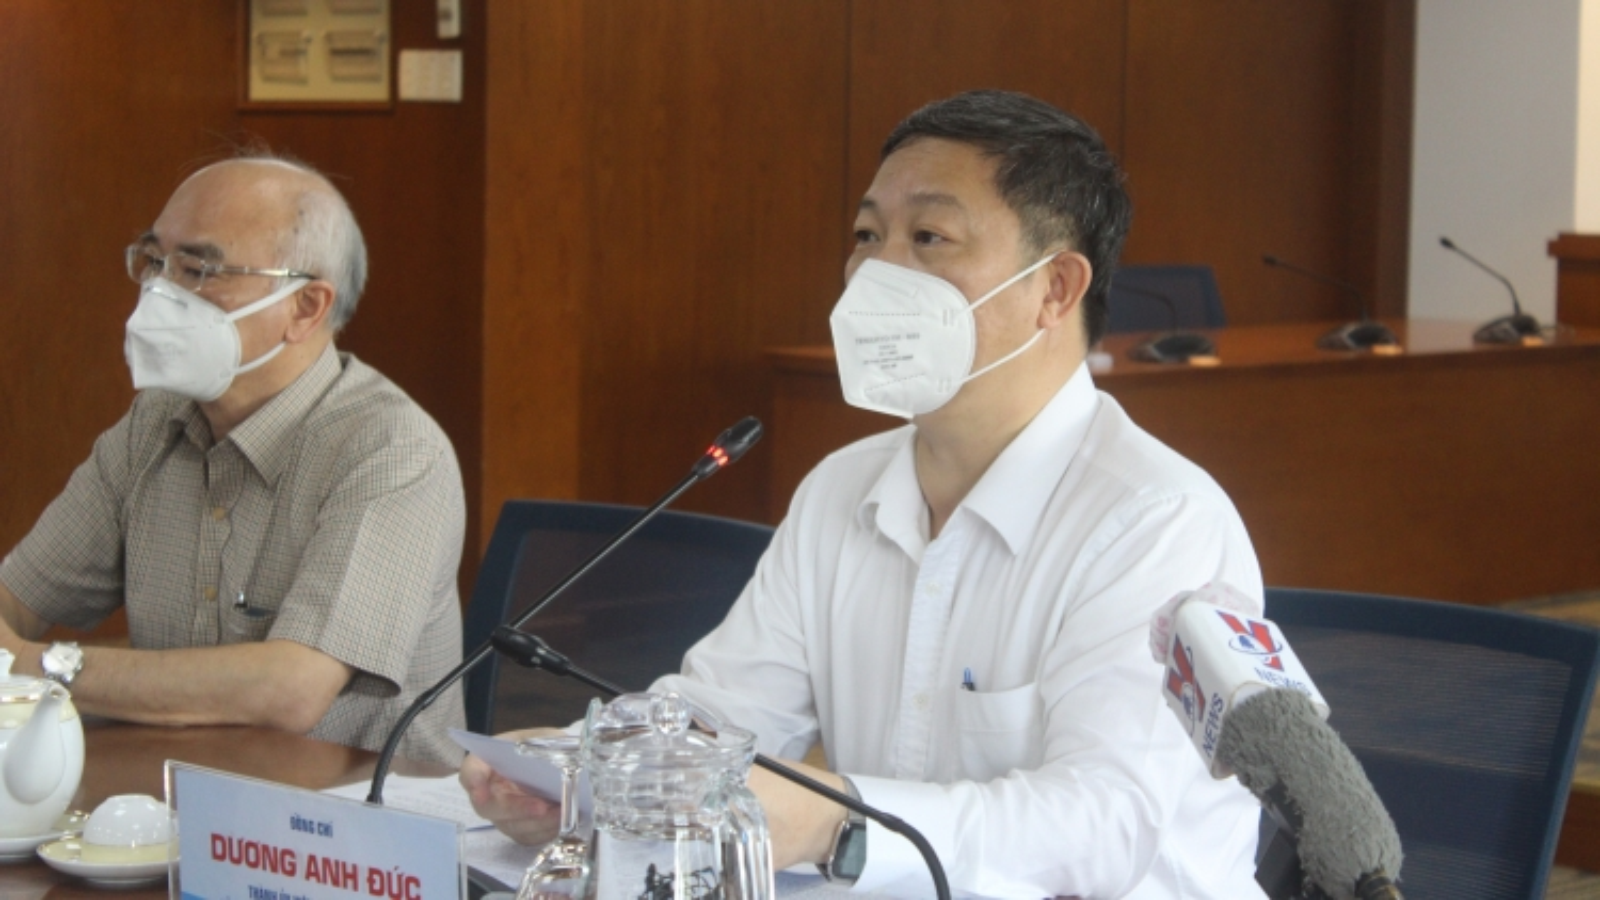 TP.HCM thông tin về việc cho tập đoàn Vingroup mượn 5.000 liều vaccine